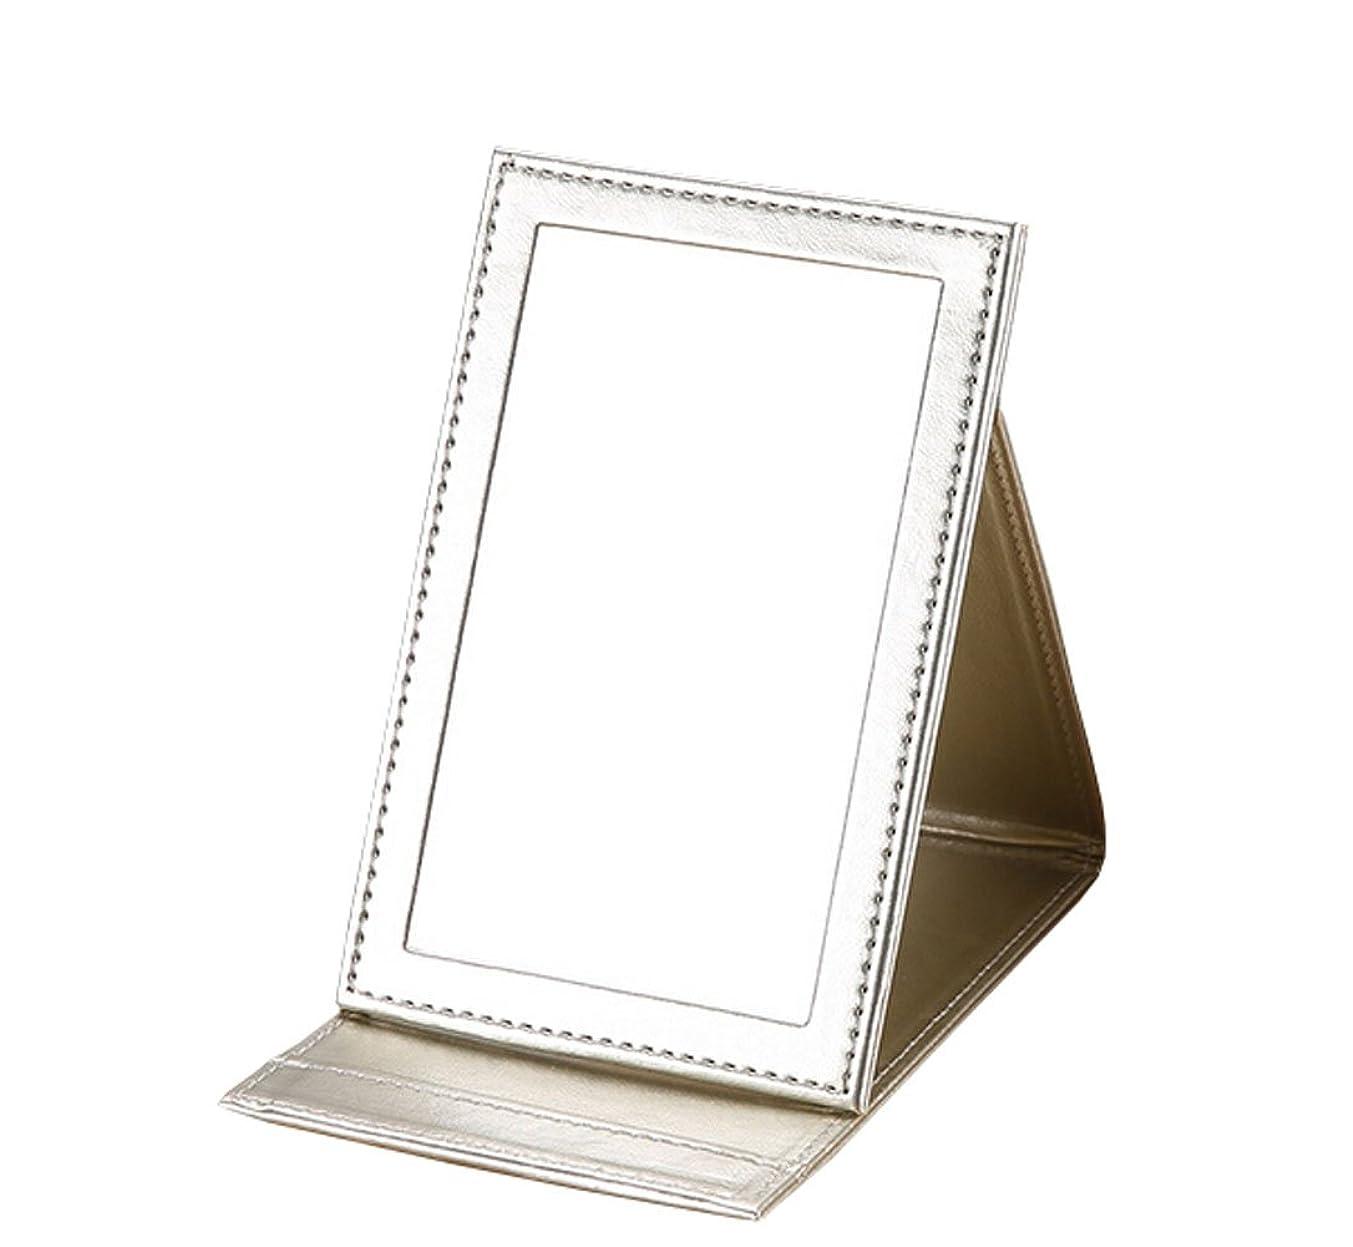 水分自分自身物理的に雲の花 革の化粧鏡に手のデスクトップに化粧鏡を持って折りたたみ式にして折り畳む鏡 (ゴールド)